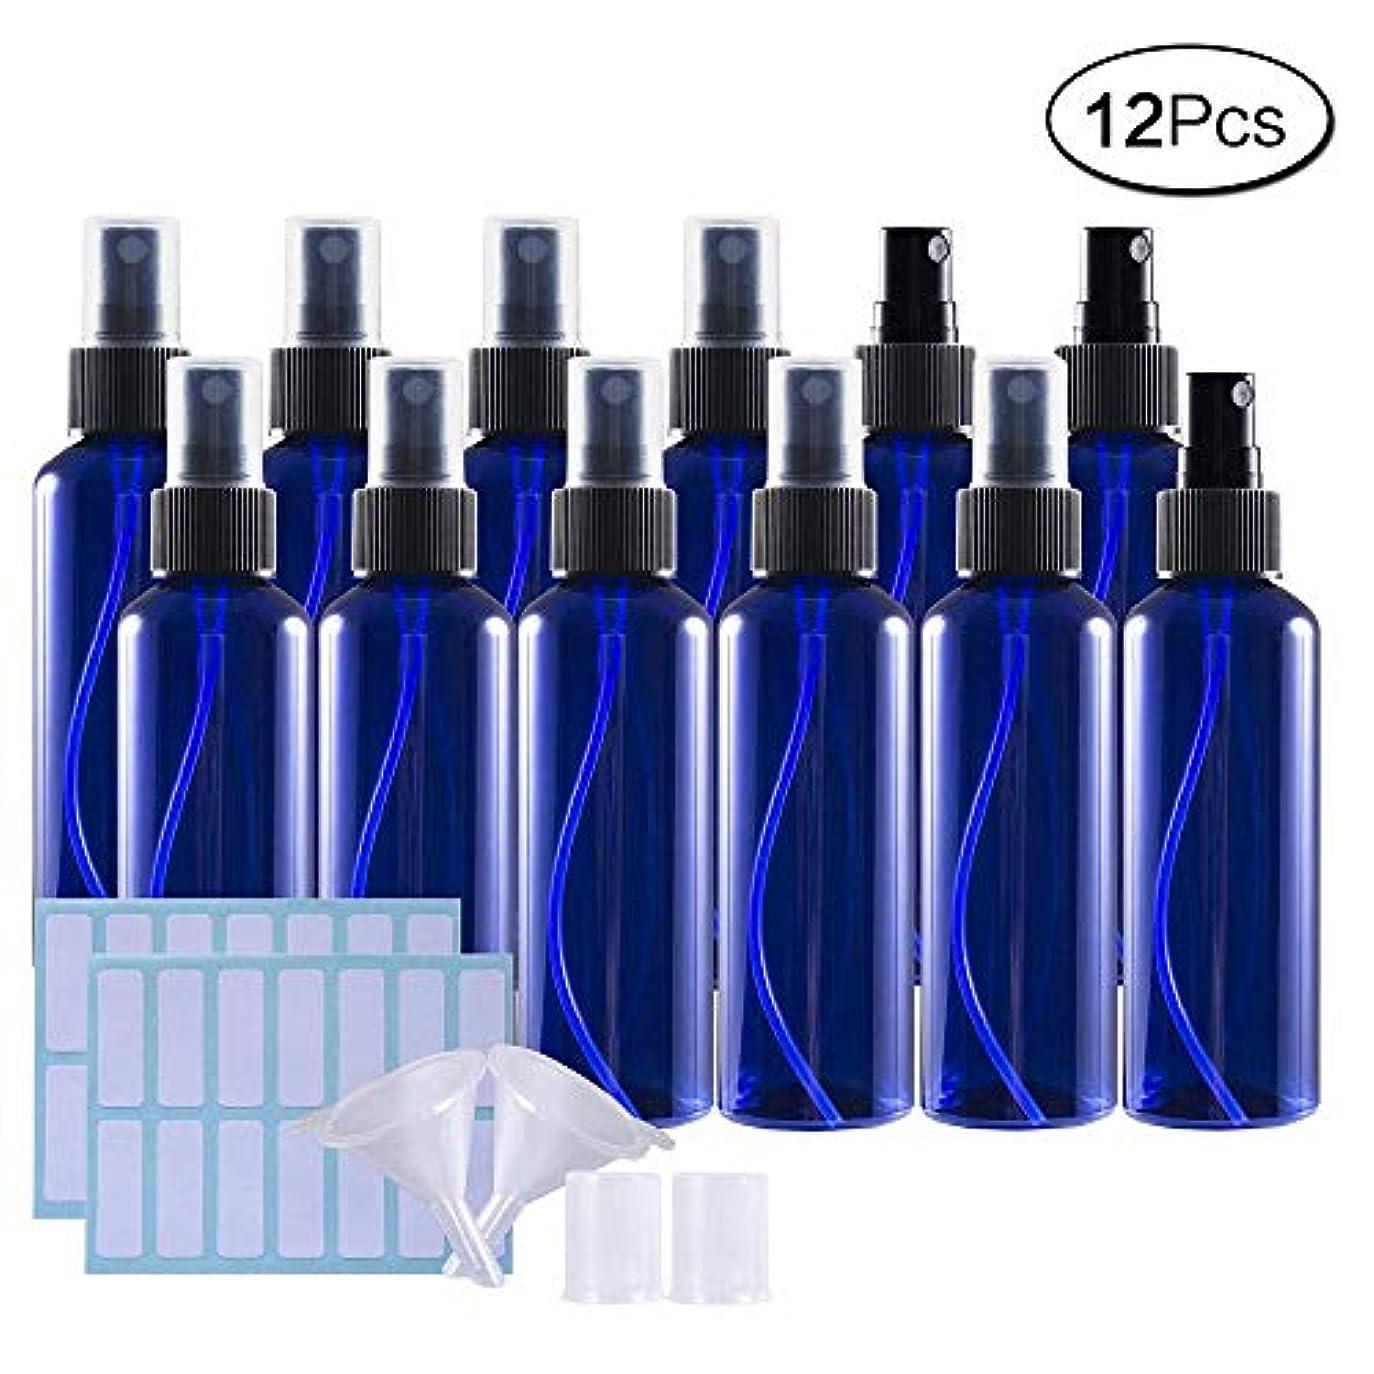 信号外側規範100mlスプレーボトル 12個セット遮光瓶 小分けボトル プラスチック容器 液体用空ボトル 化粧品 収納瓶